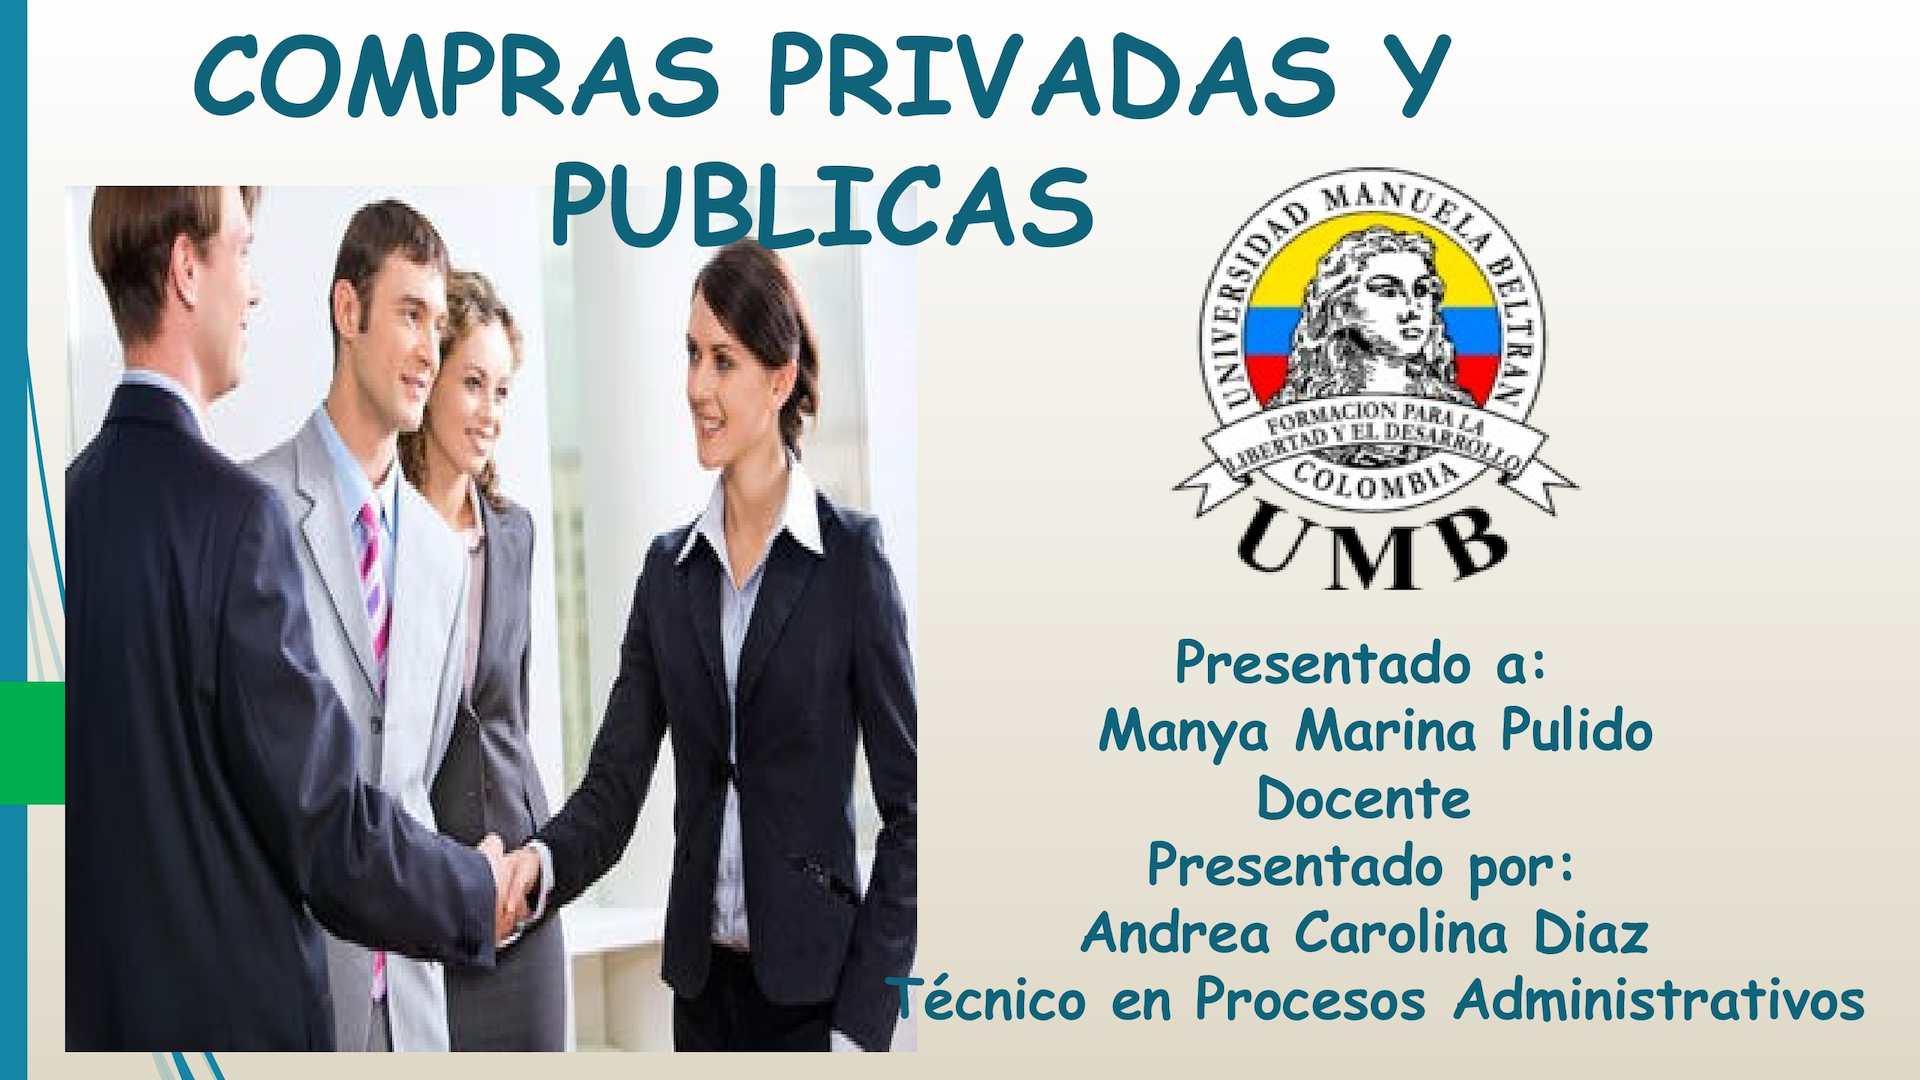 COMPRAS PUBLICAS Y PRIVADAS